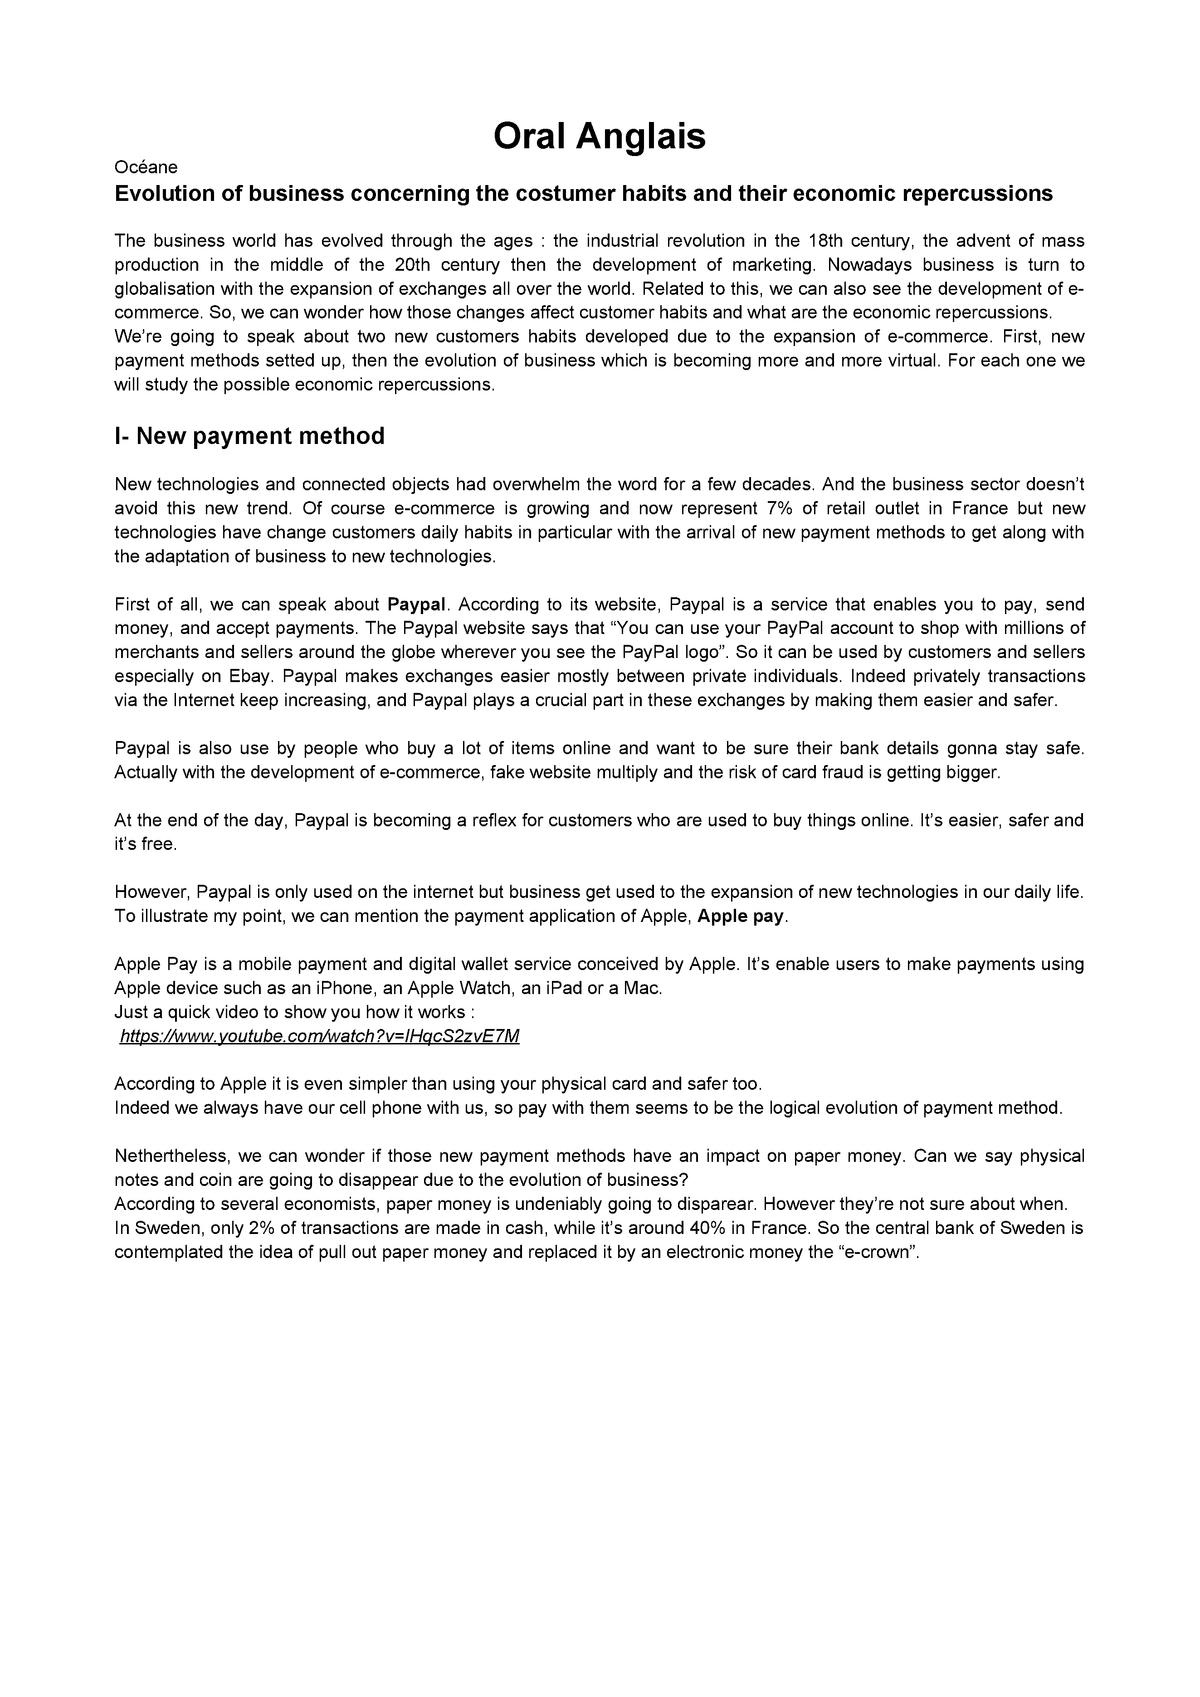 Oral Anglais - X1A0010: Anglais 1 : Anglais général - StuDocu